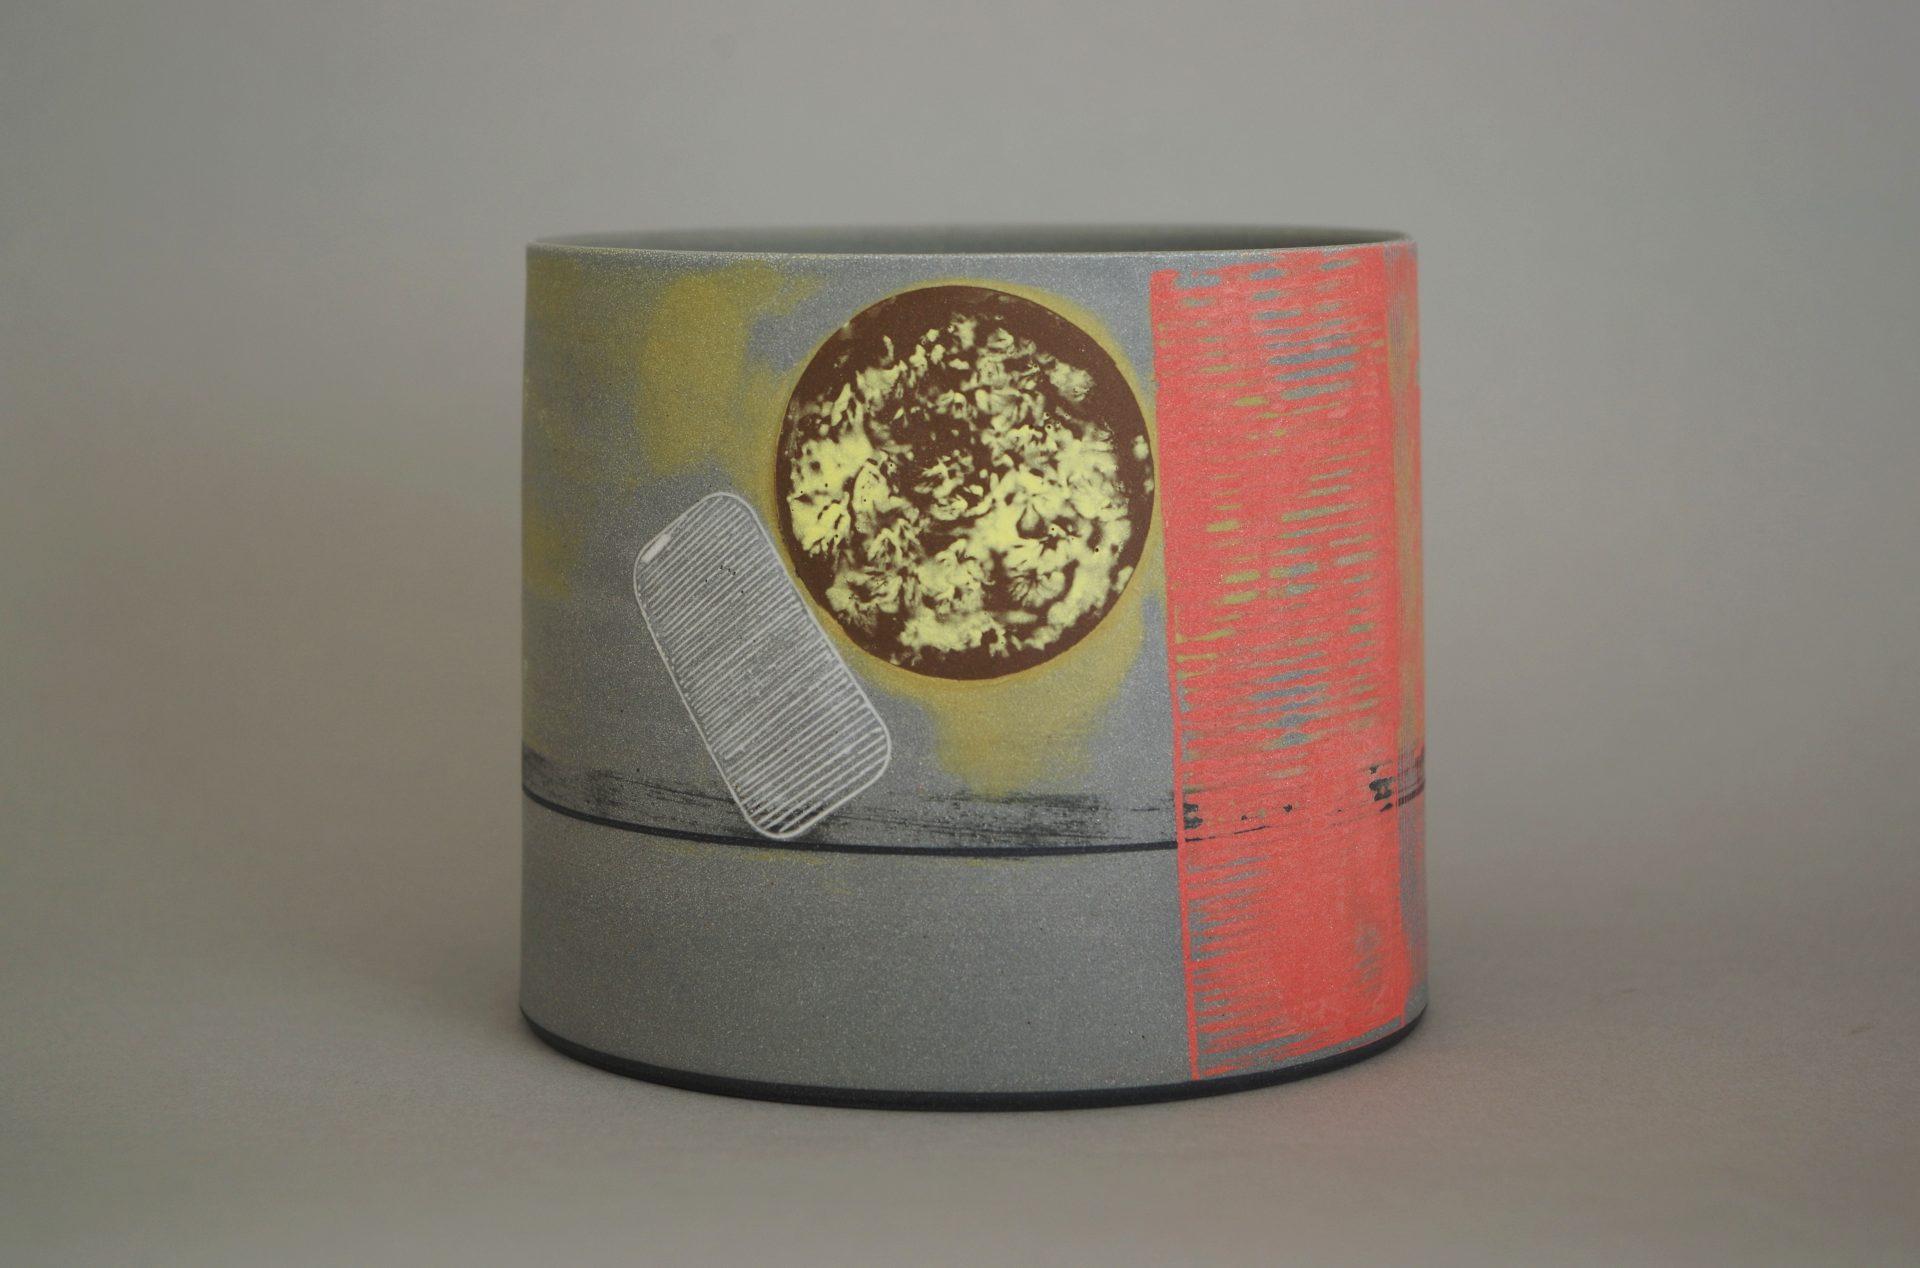 94-ambre-solaire-h10cm-july-14-£295